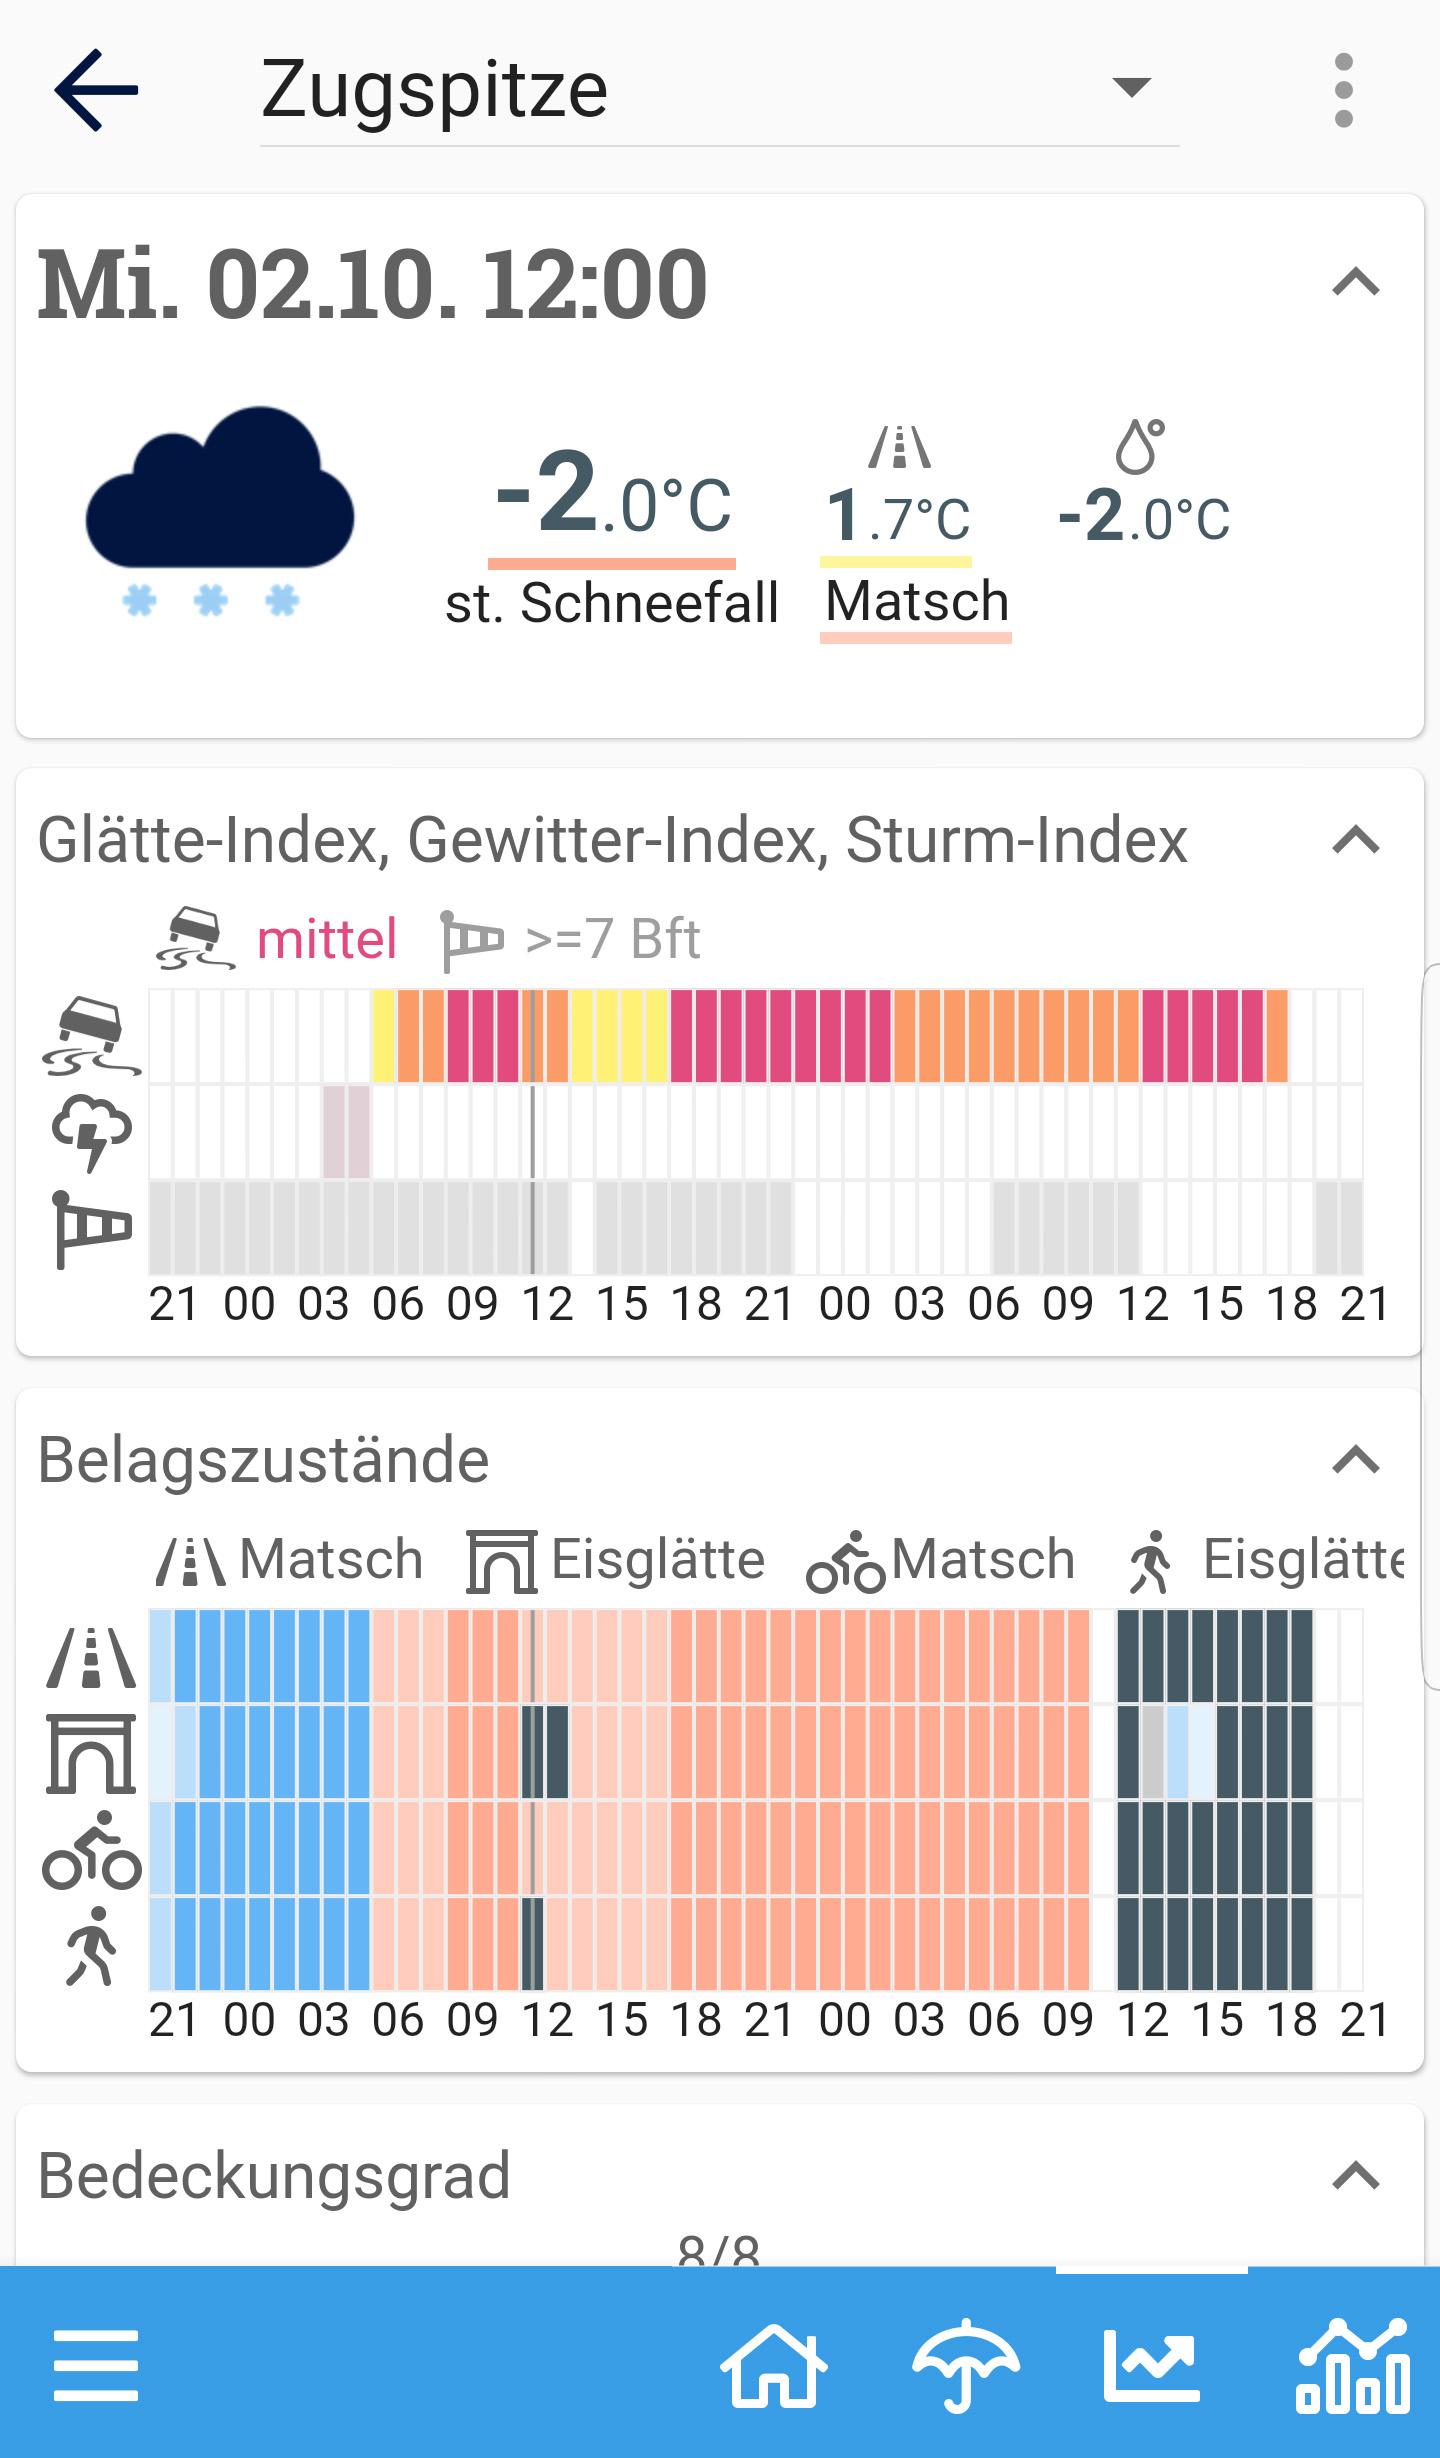 Informationen zum Zustand und zur Fahrbahnoberflächentemperatur von Straßen, Brücken, Rad- und Fußwegen